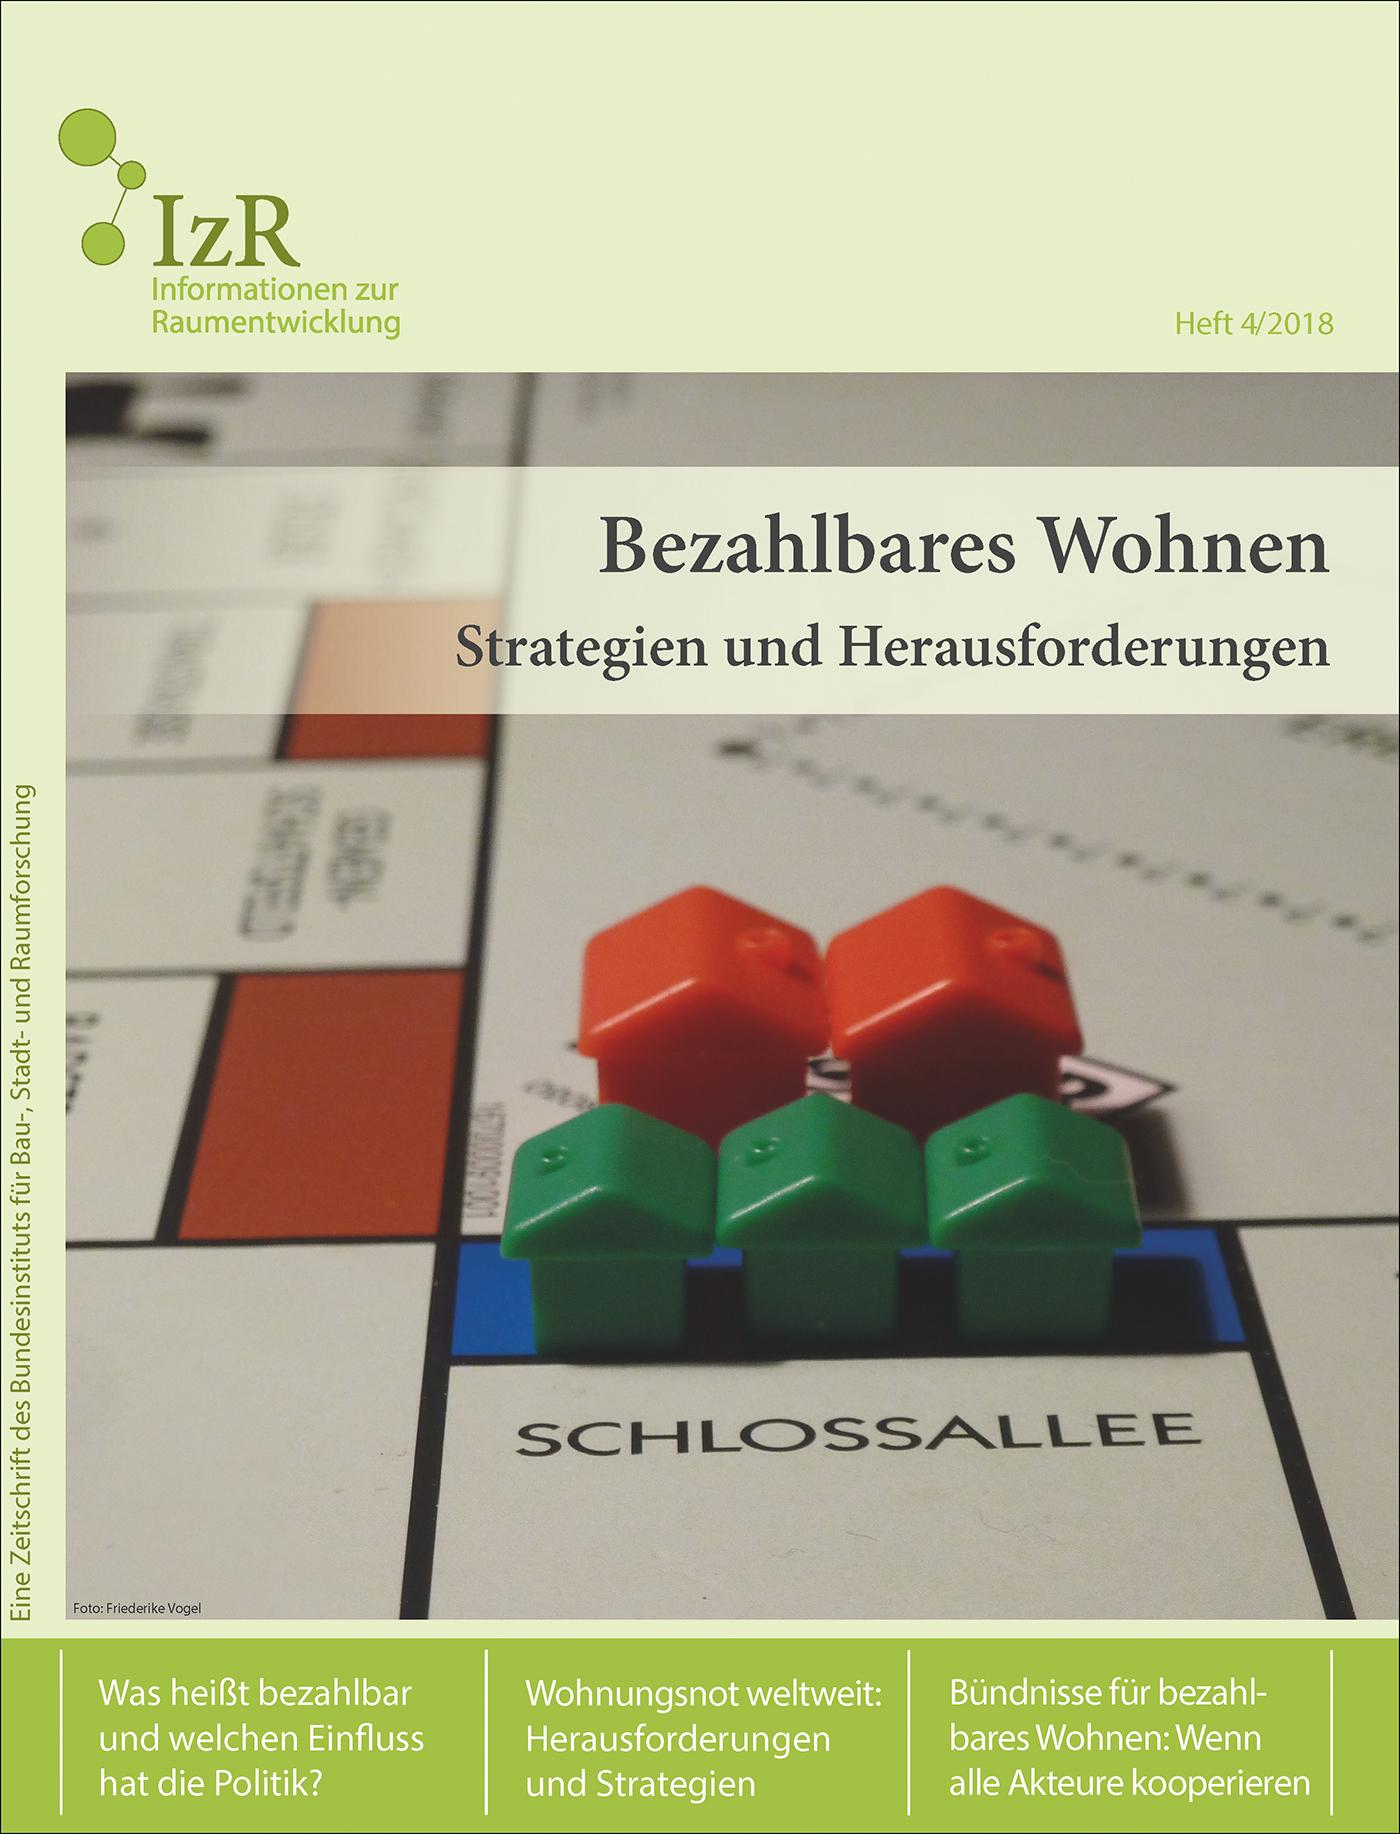 Cover der Zeitschrift IZR Heft 2018/4